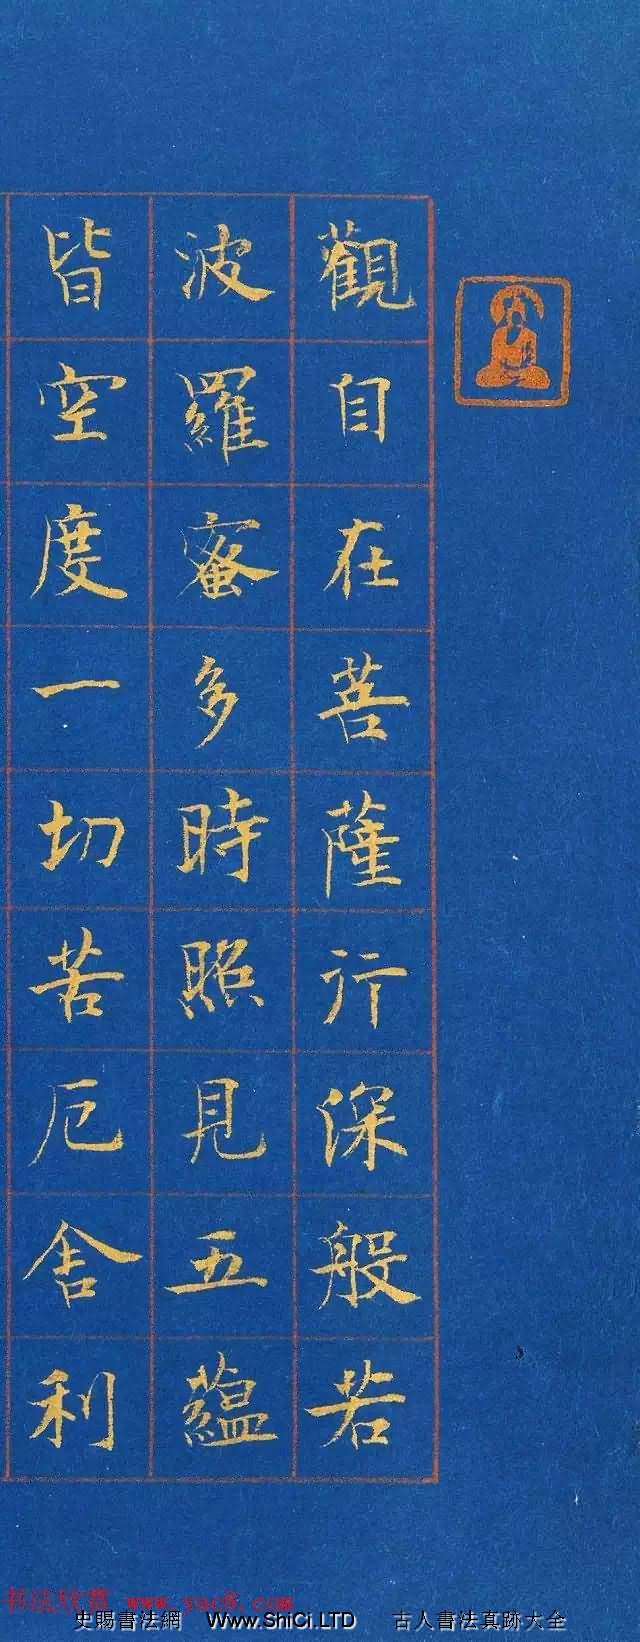 帖學書家陳忠康小楷《心經》(共9張圖片)